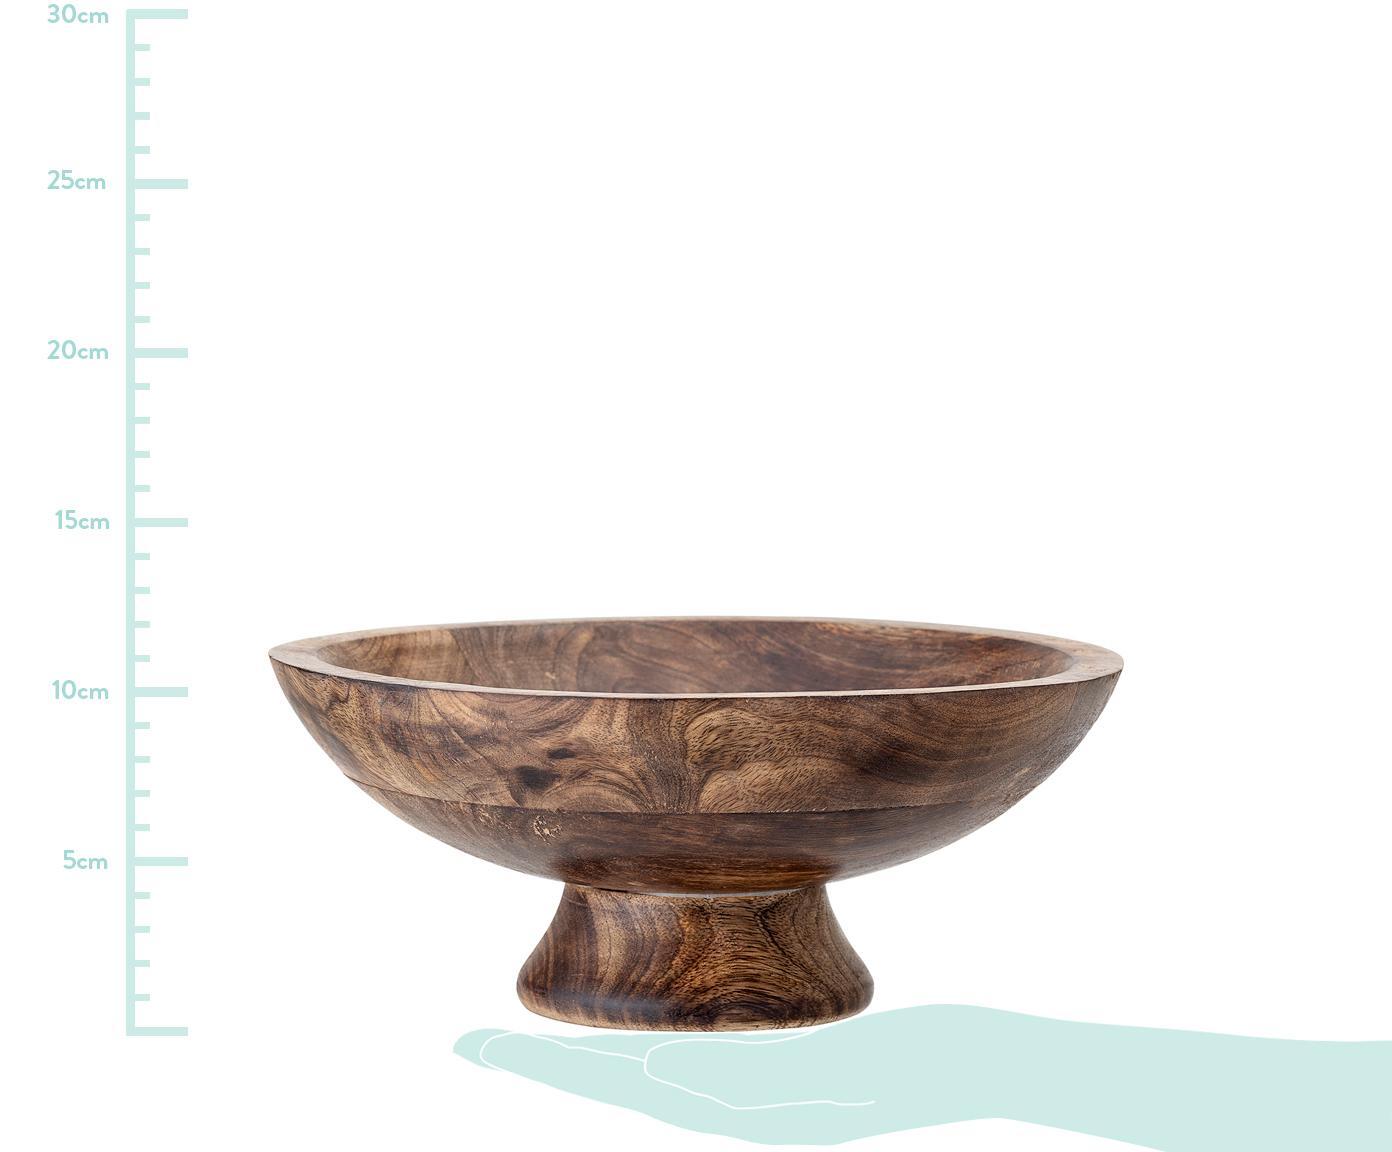 Deko-Schale Helia, Mangoholz, Mangoholz, Ø 25 cm